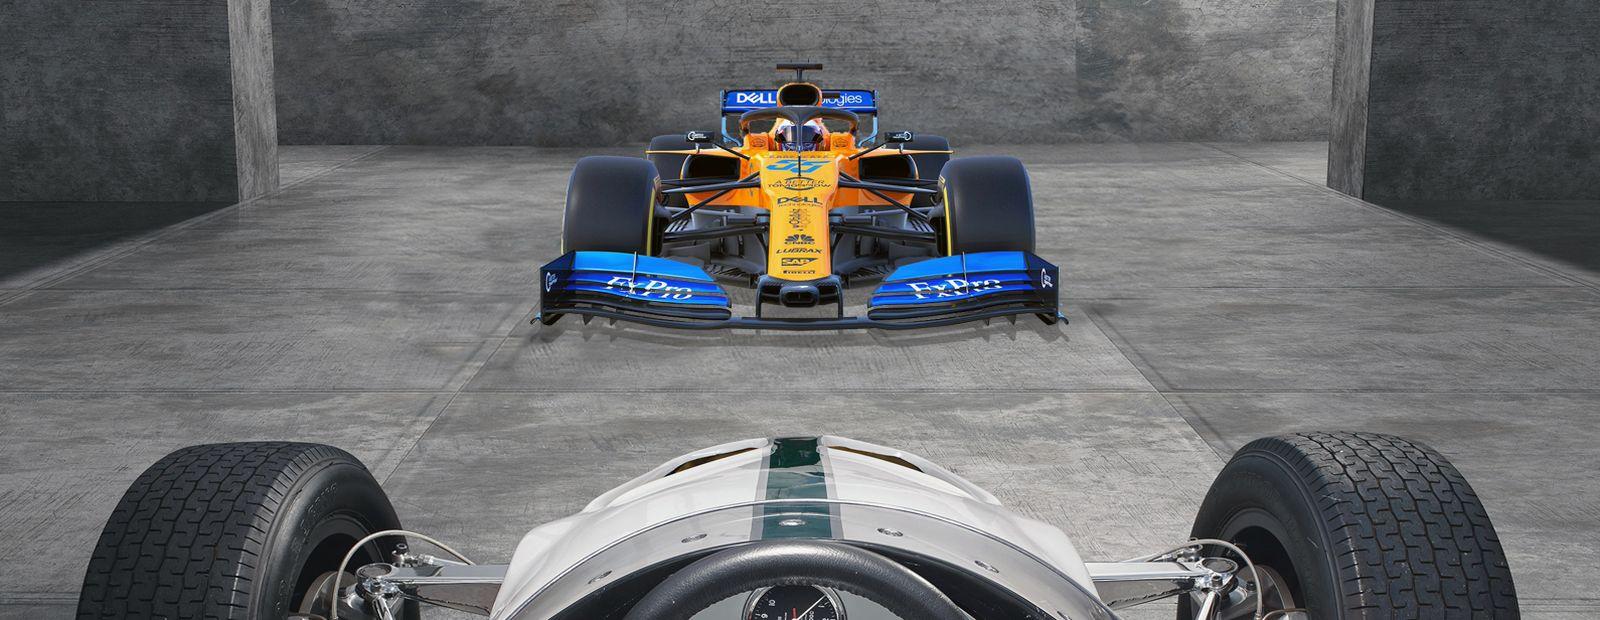 Quiz: 1,000 F1 races edition